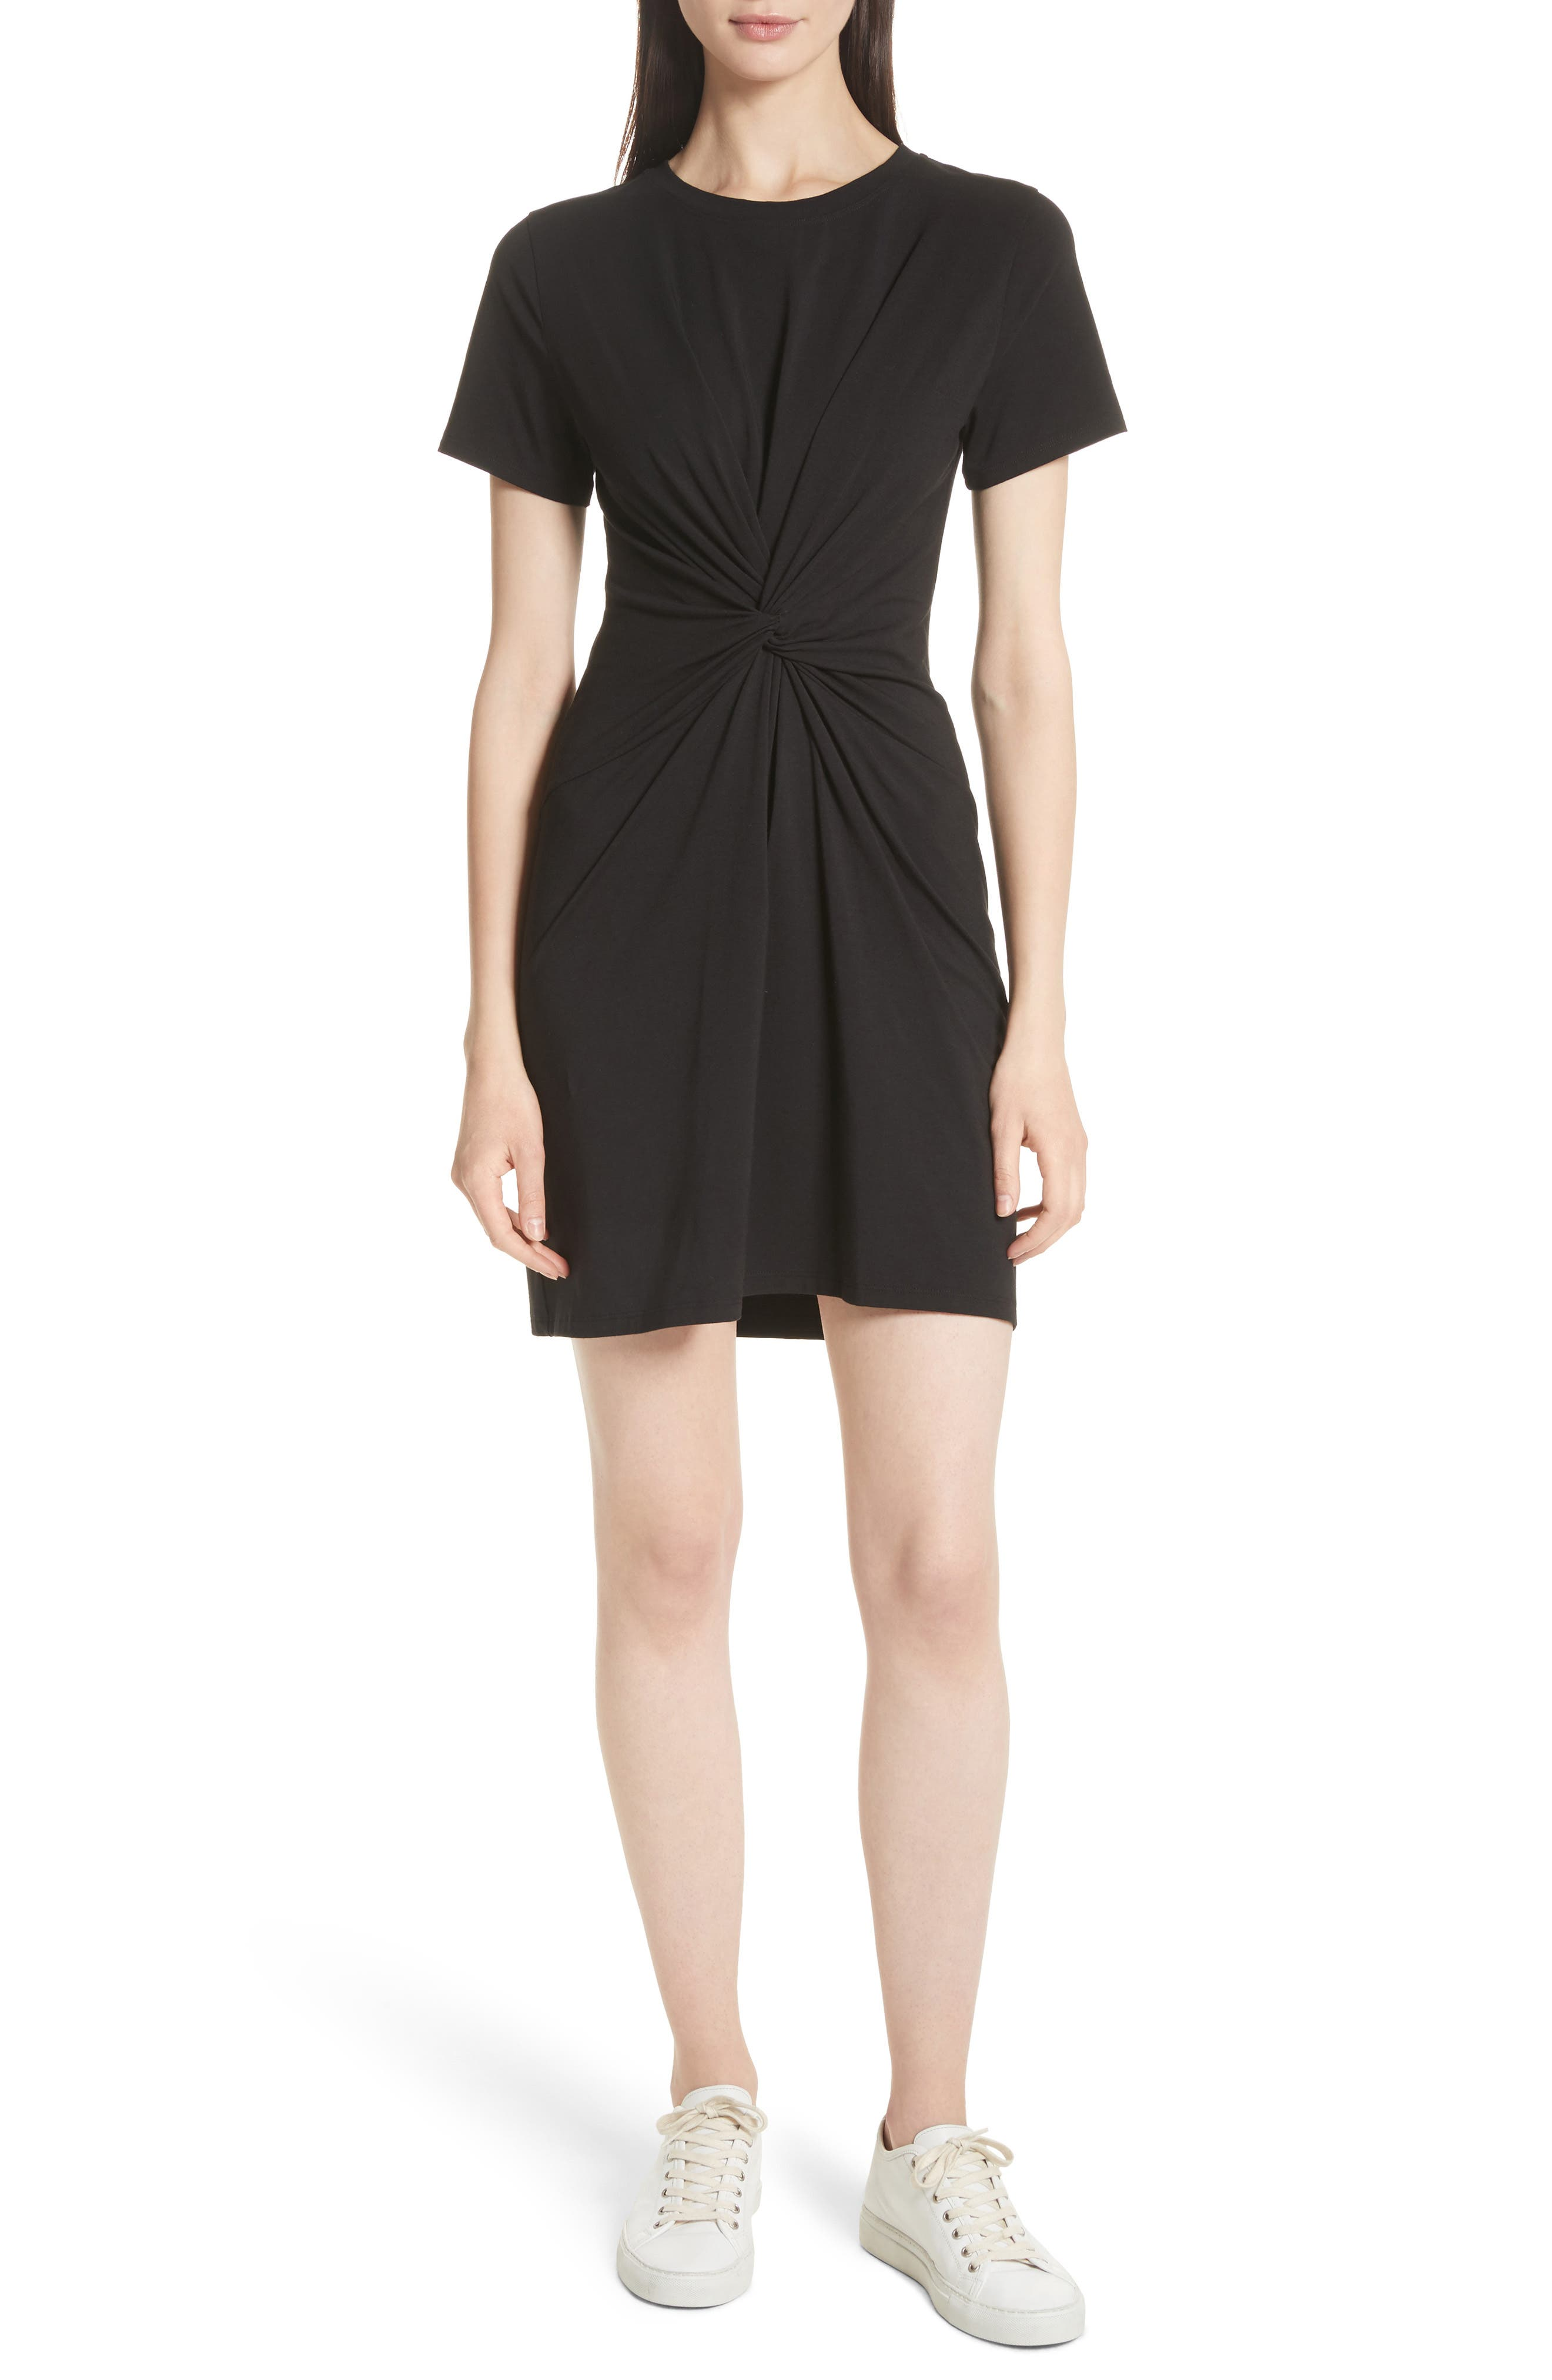 Rubri Knotted T-Shirt Dress,                             Main thumbnail 1, color,                             BLACK MULTI